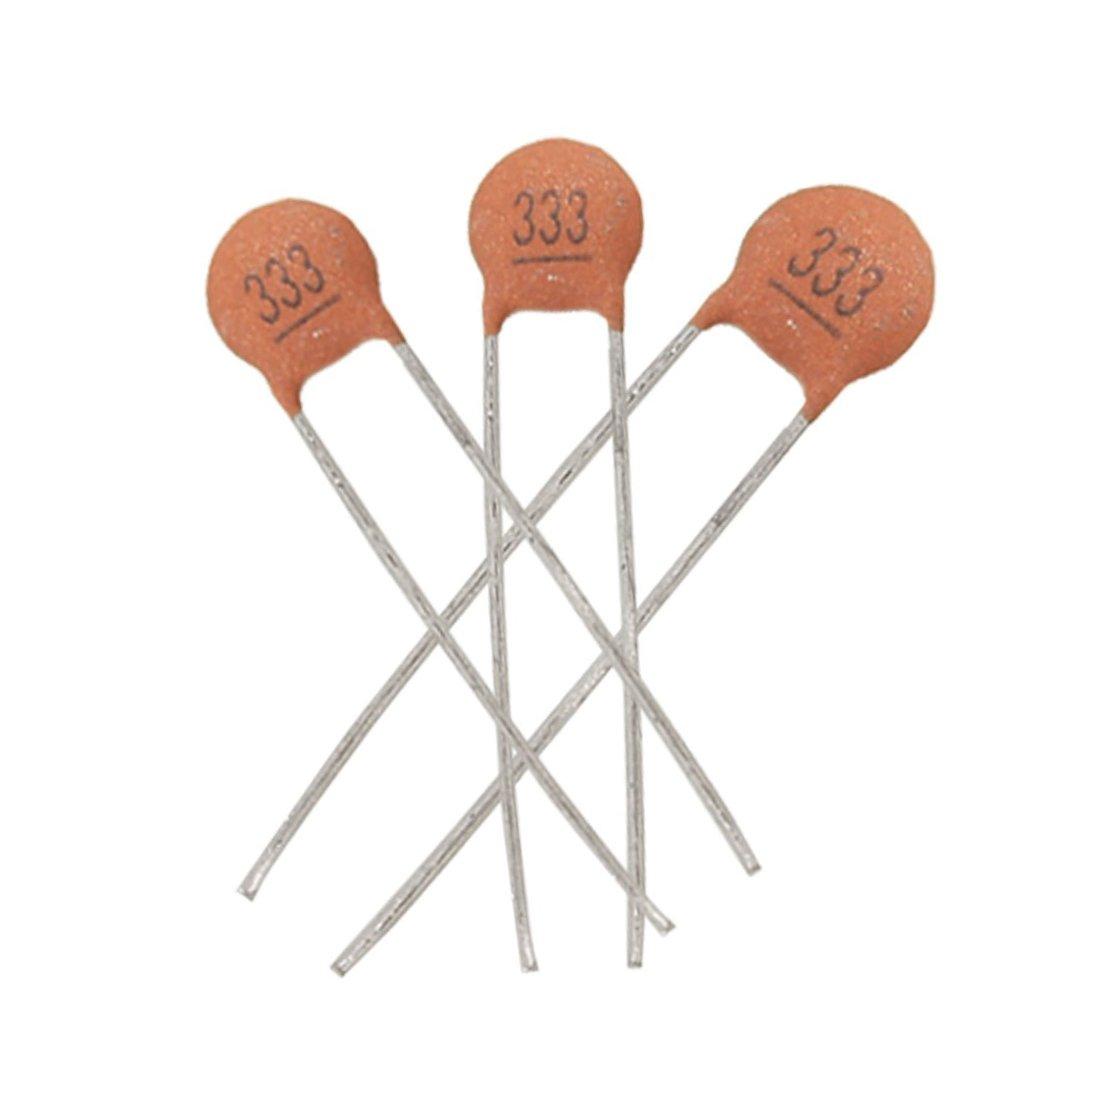 0033uf Capacitor Sodialr 30 X 50v Dip Low Voltage Timer Circuit Ceramic Disc Capacitors Industrial Scientific